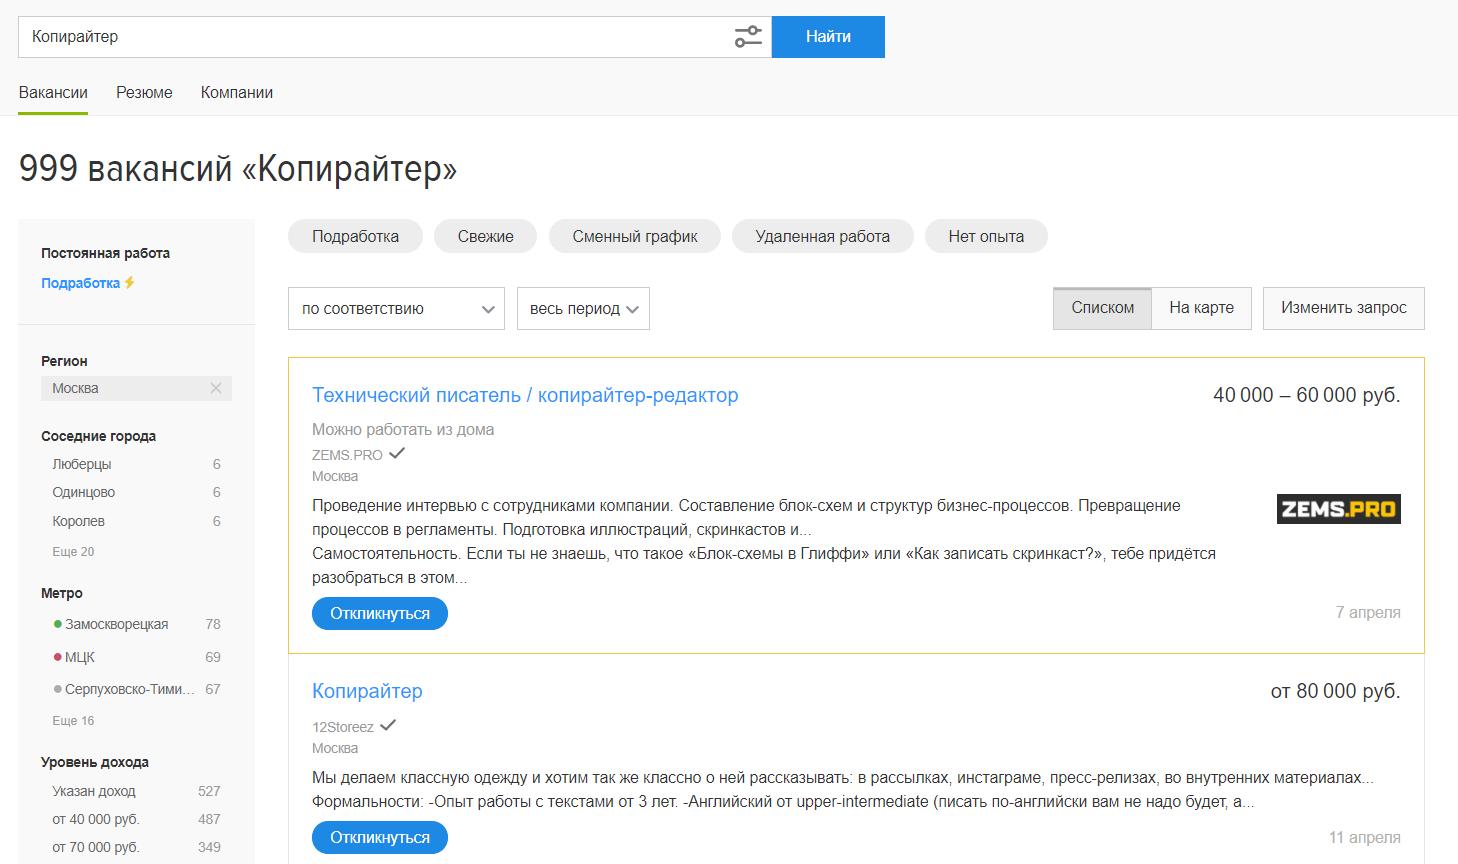 Почти 1000 компаний ищут копирайтеров только по Москве, а ведь с удаленкой можно рассматривать предложения по всей России